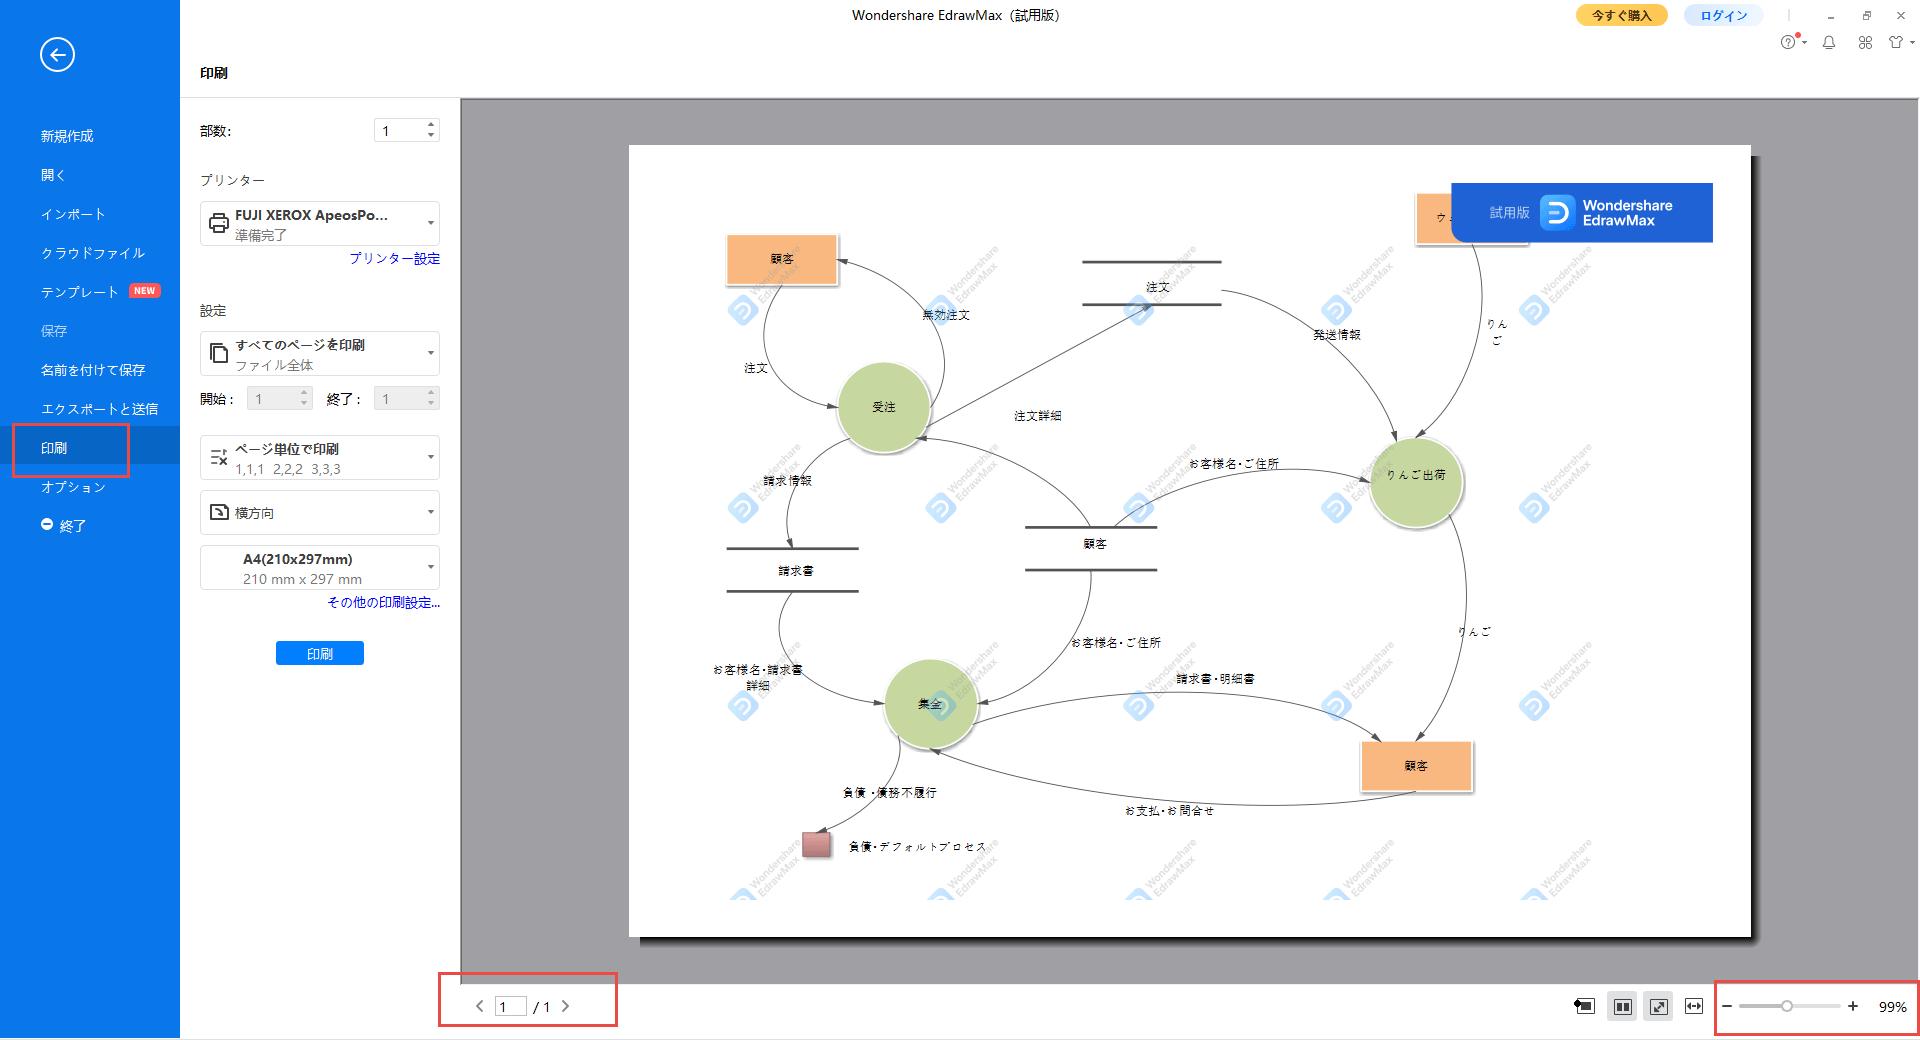 データフロー図のプレビュー